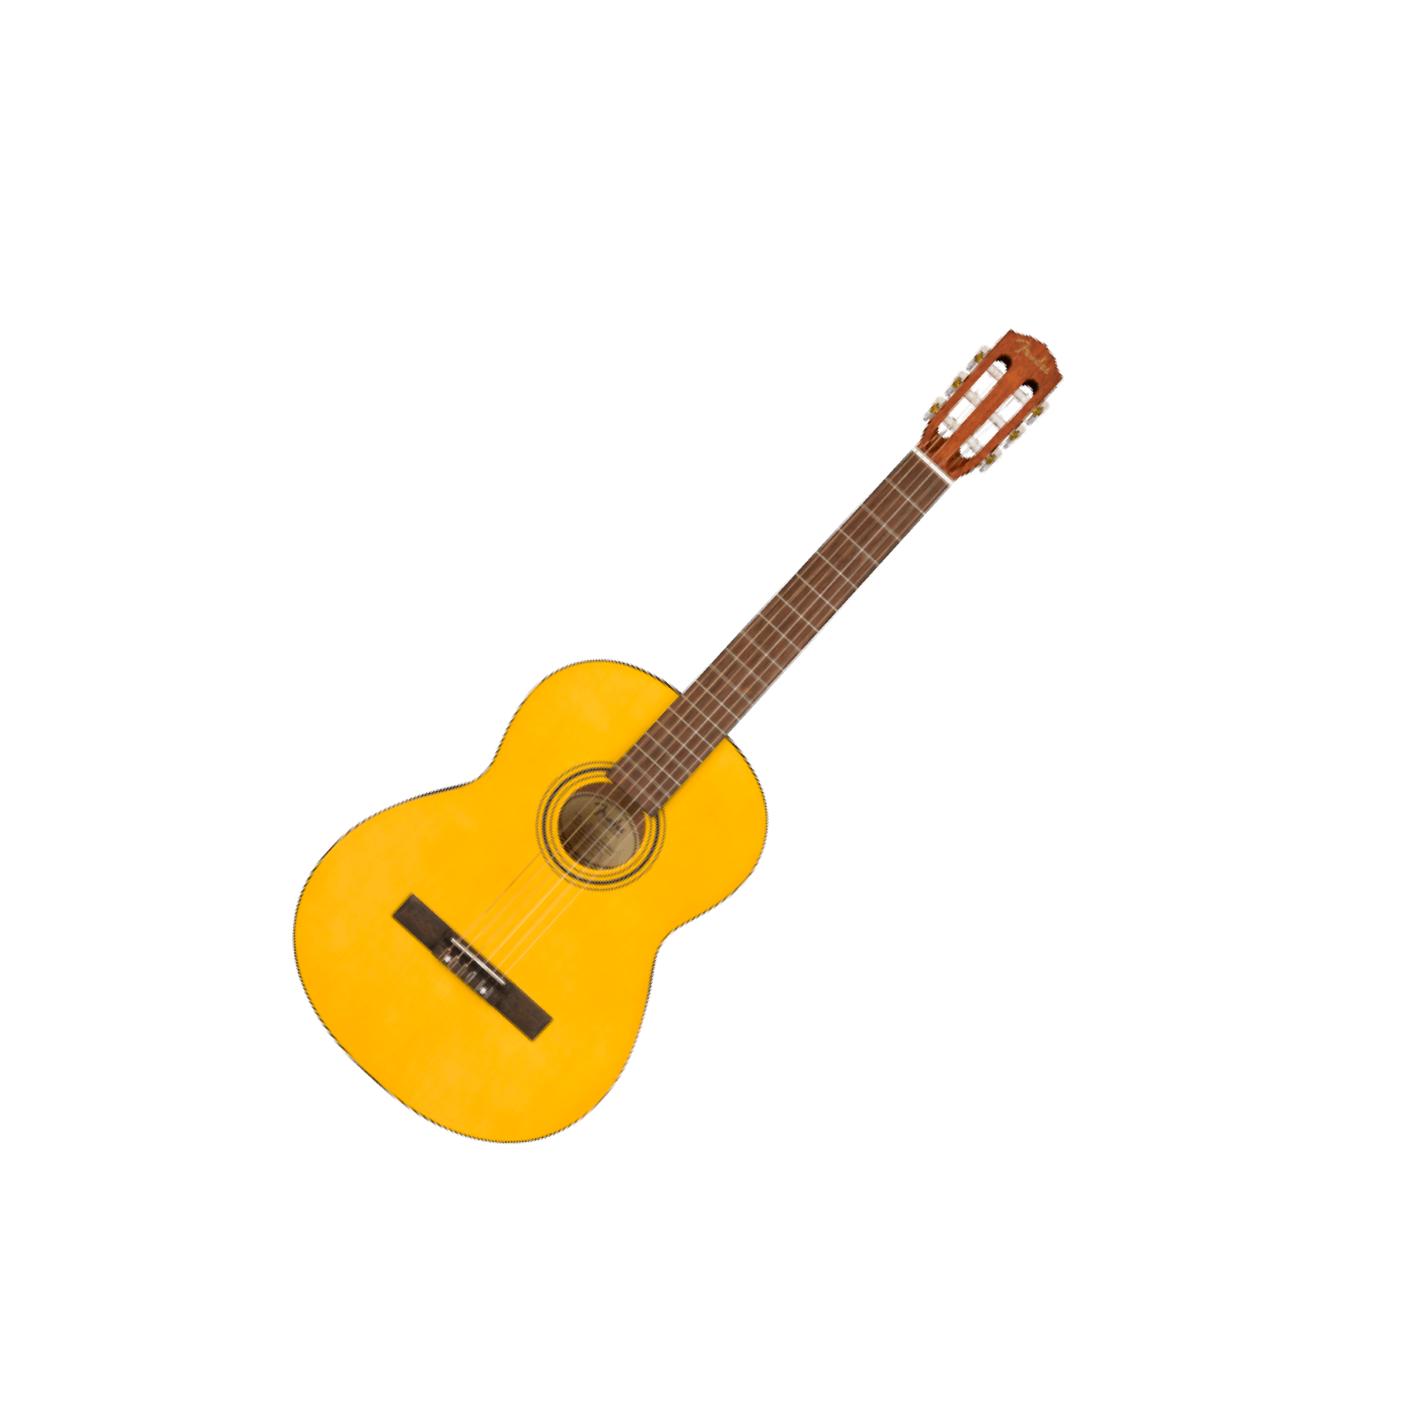 Fender ESC-110 Classical Wide Neck